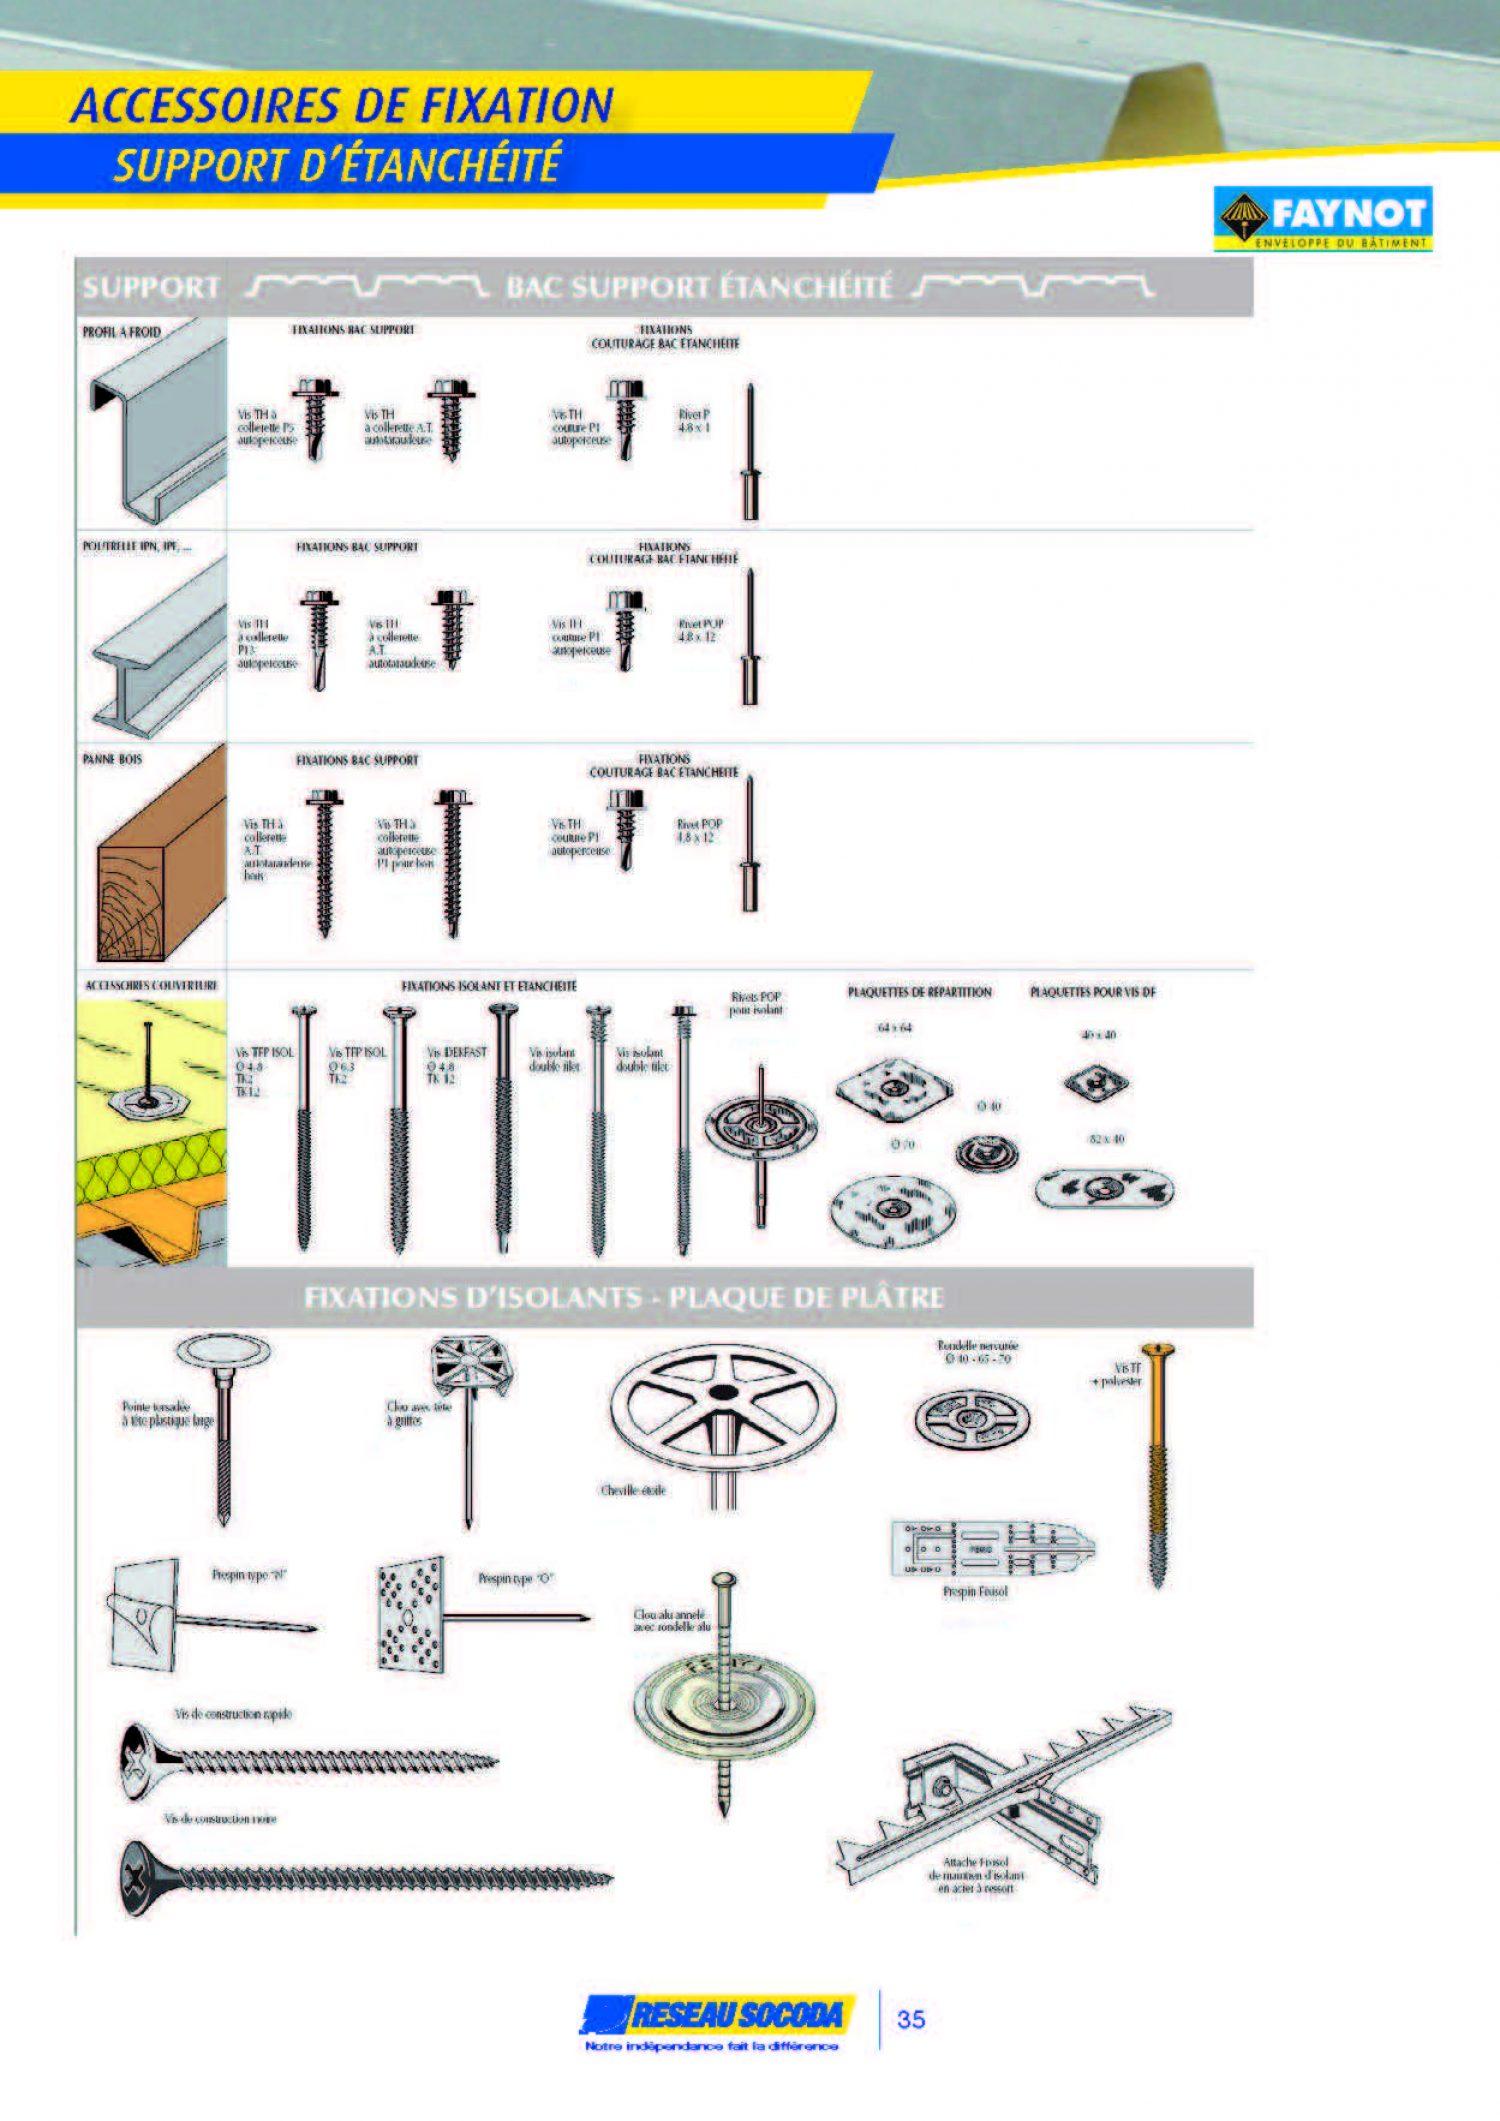 GERMOND_2014 PROFIL BATIMENT_20140324-184231_Page_35